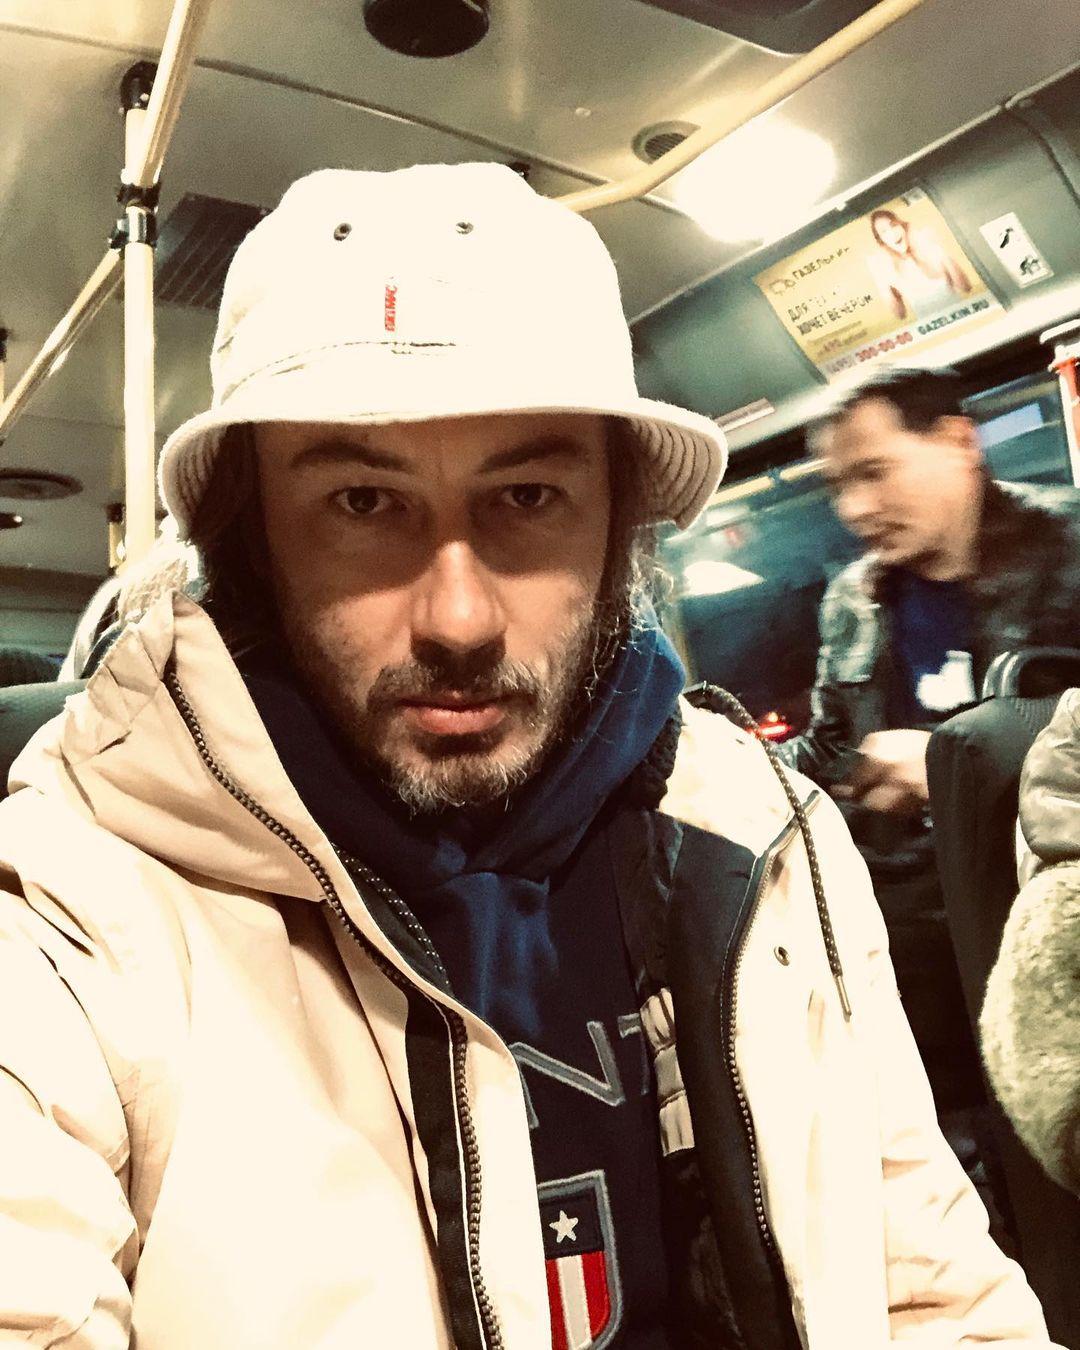 Дмитрий Анохин. Фото: @choovibro